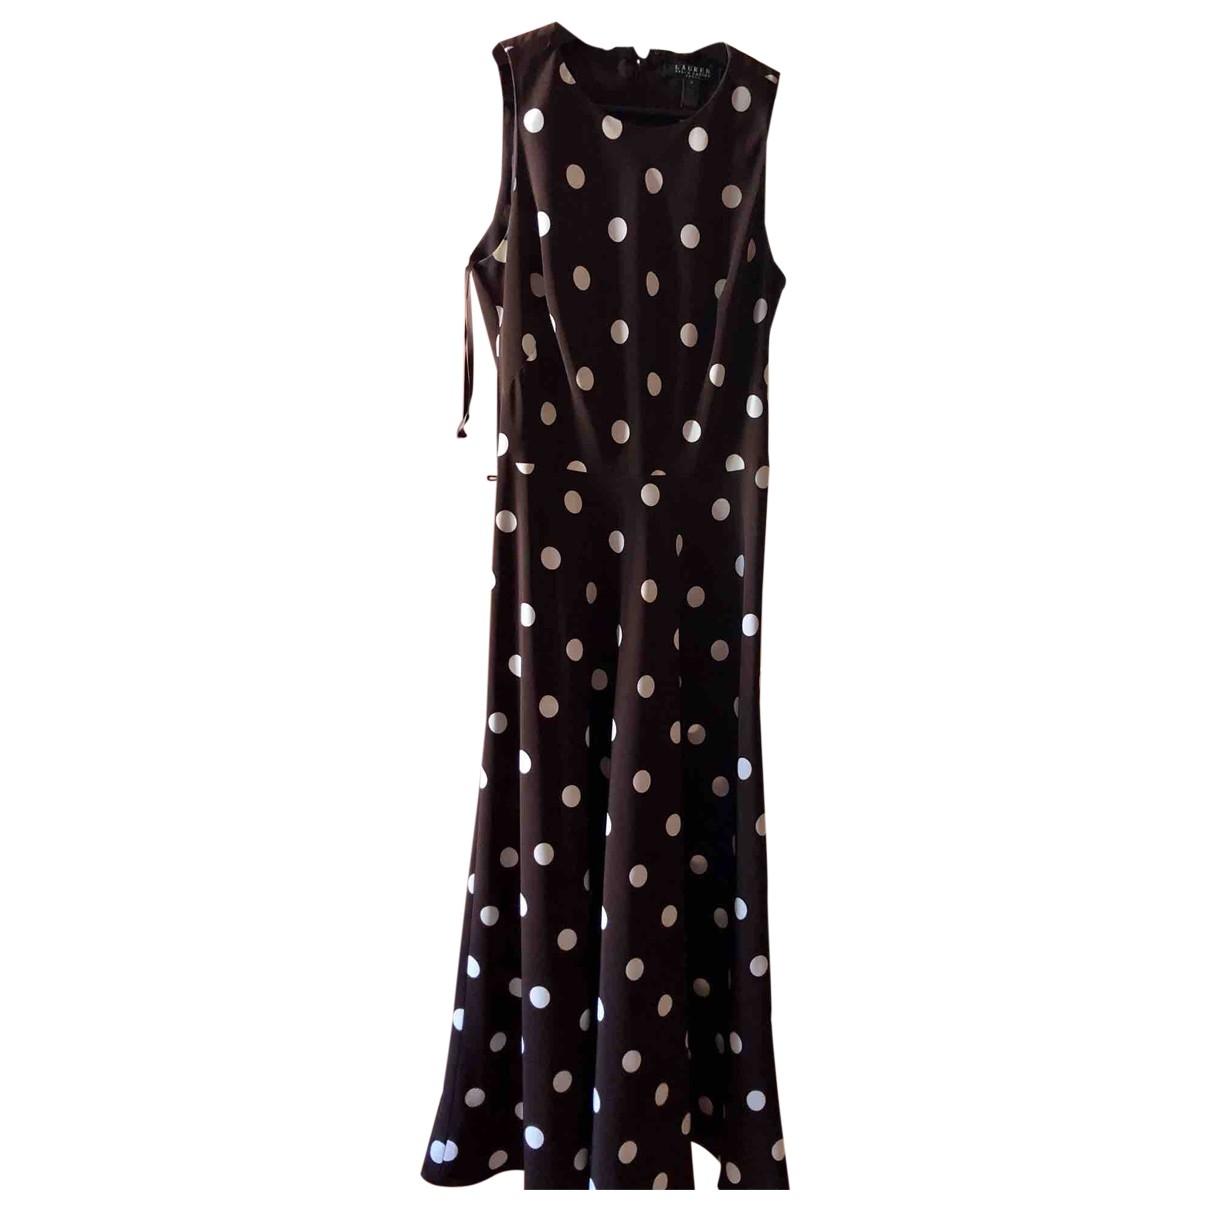 Lauren Ralph Lauren \N Brown dress for Women 36 FR